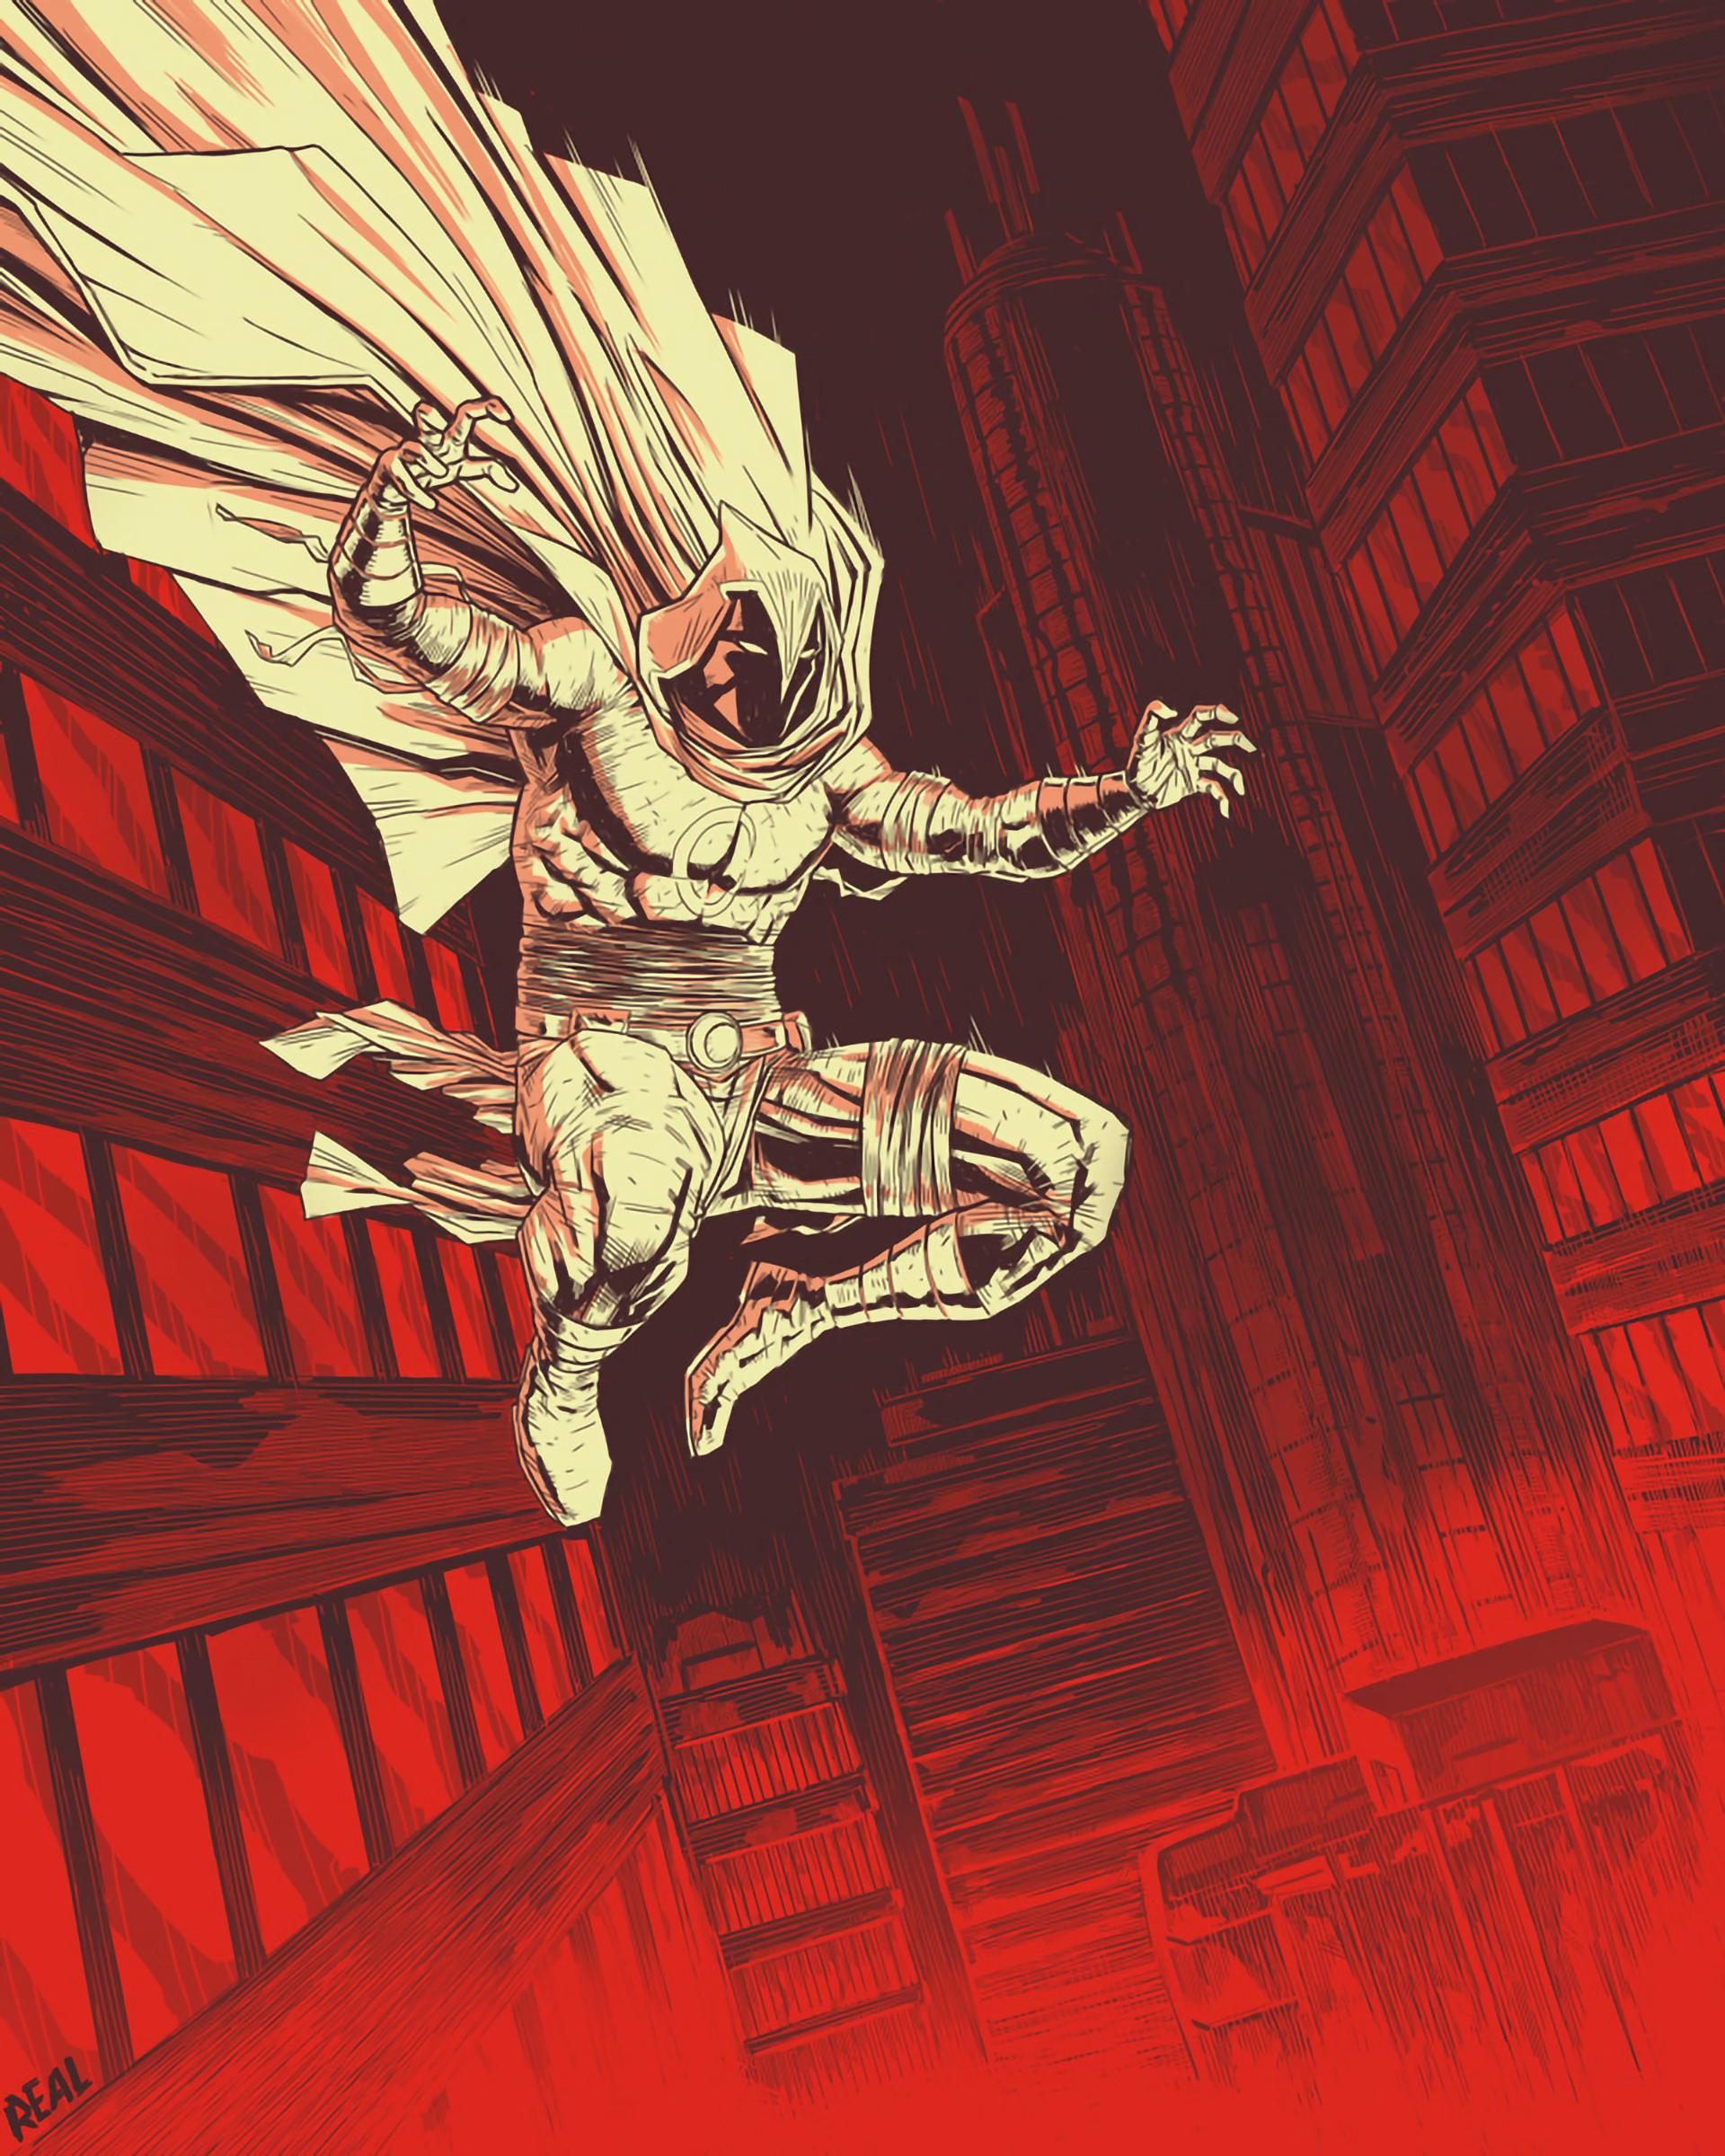 Moon Knight Marvel Comic Art Wallpaper, HD Artist 4K